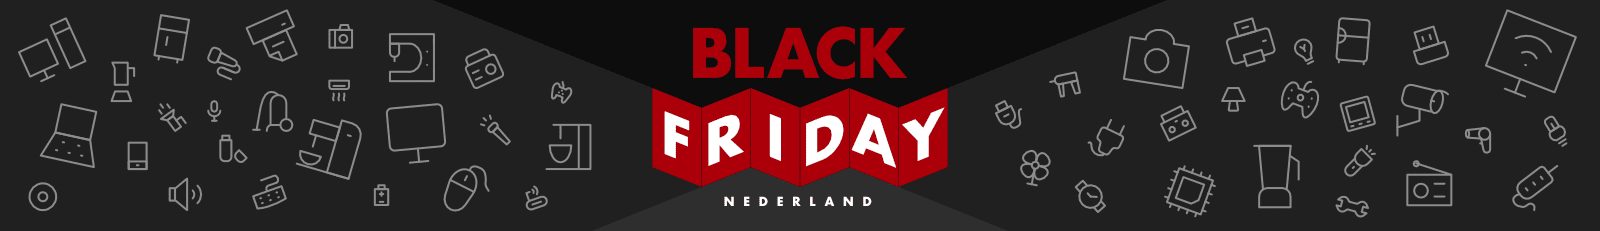 Header ontwerp voor Black Friday Nederland